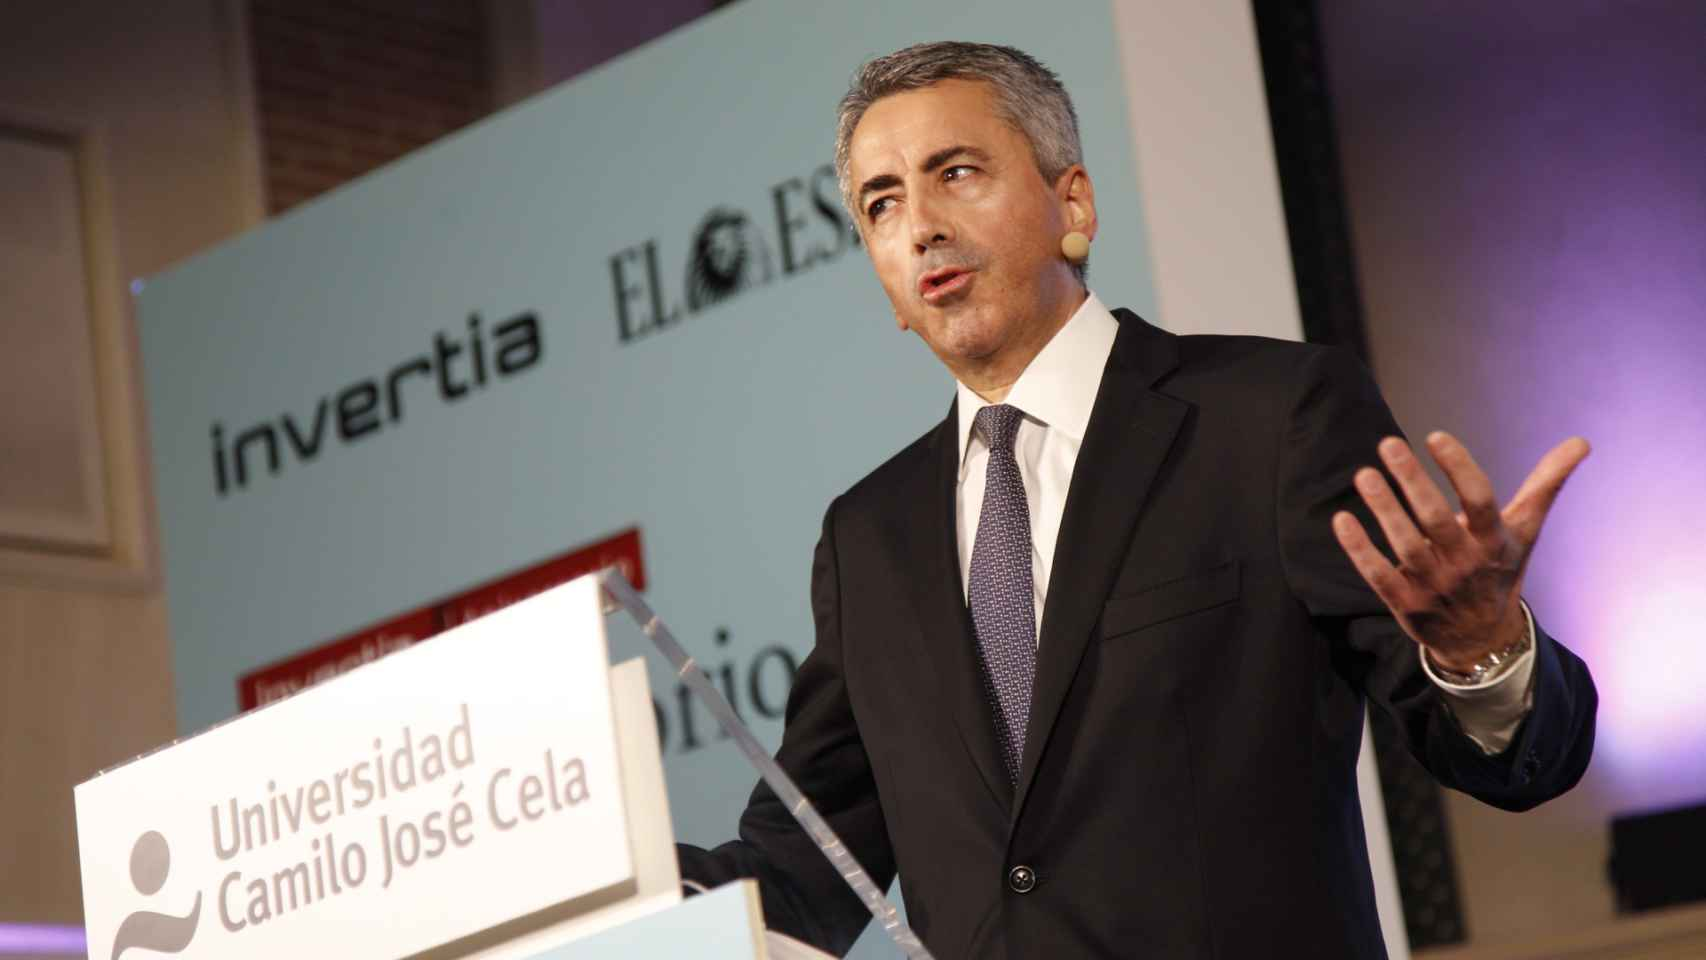 Sergio Álvarez Camiña.